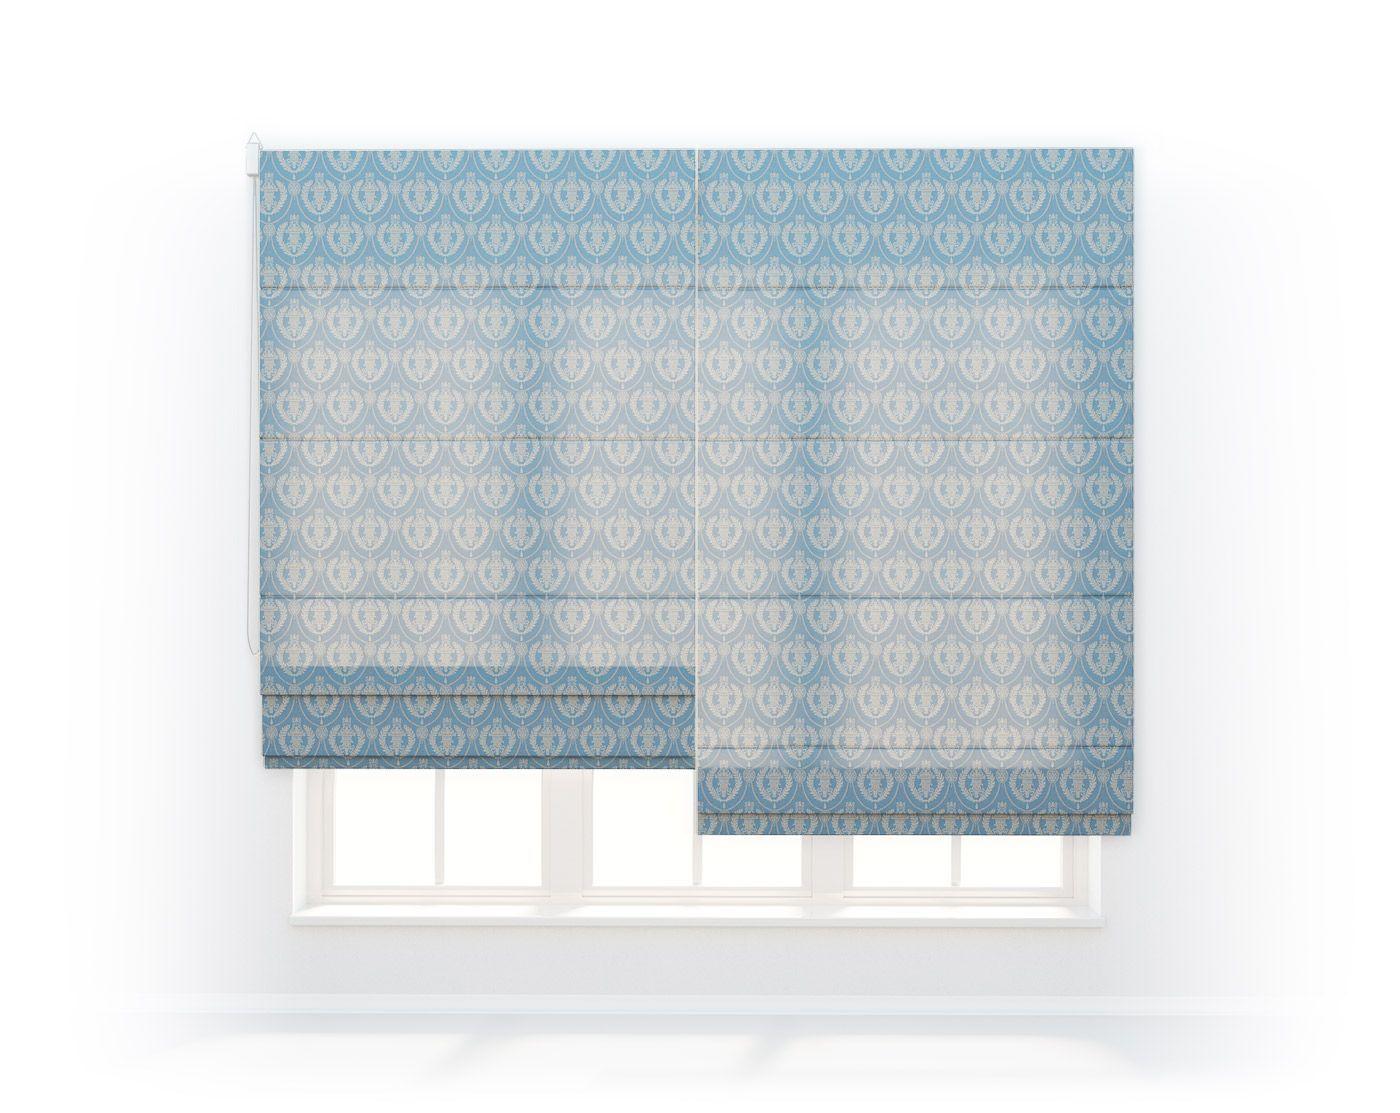 Римские шторы Louis D'or, 2381/41